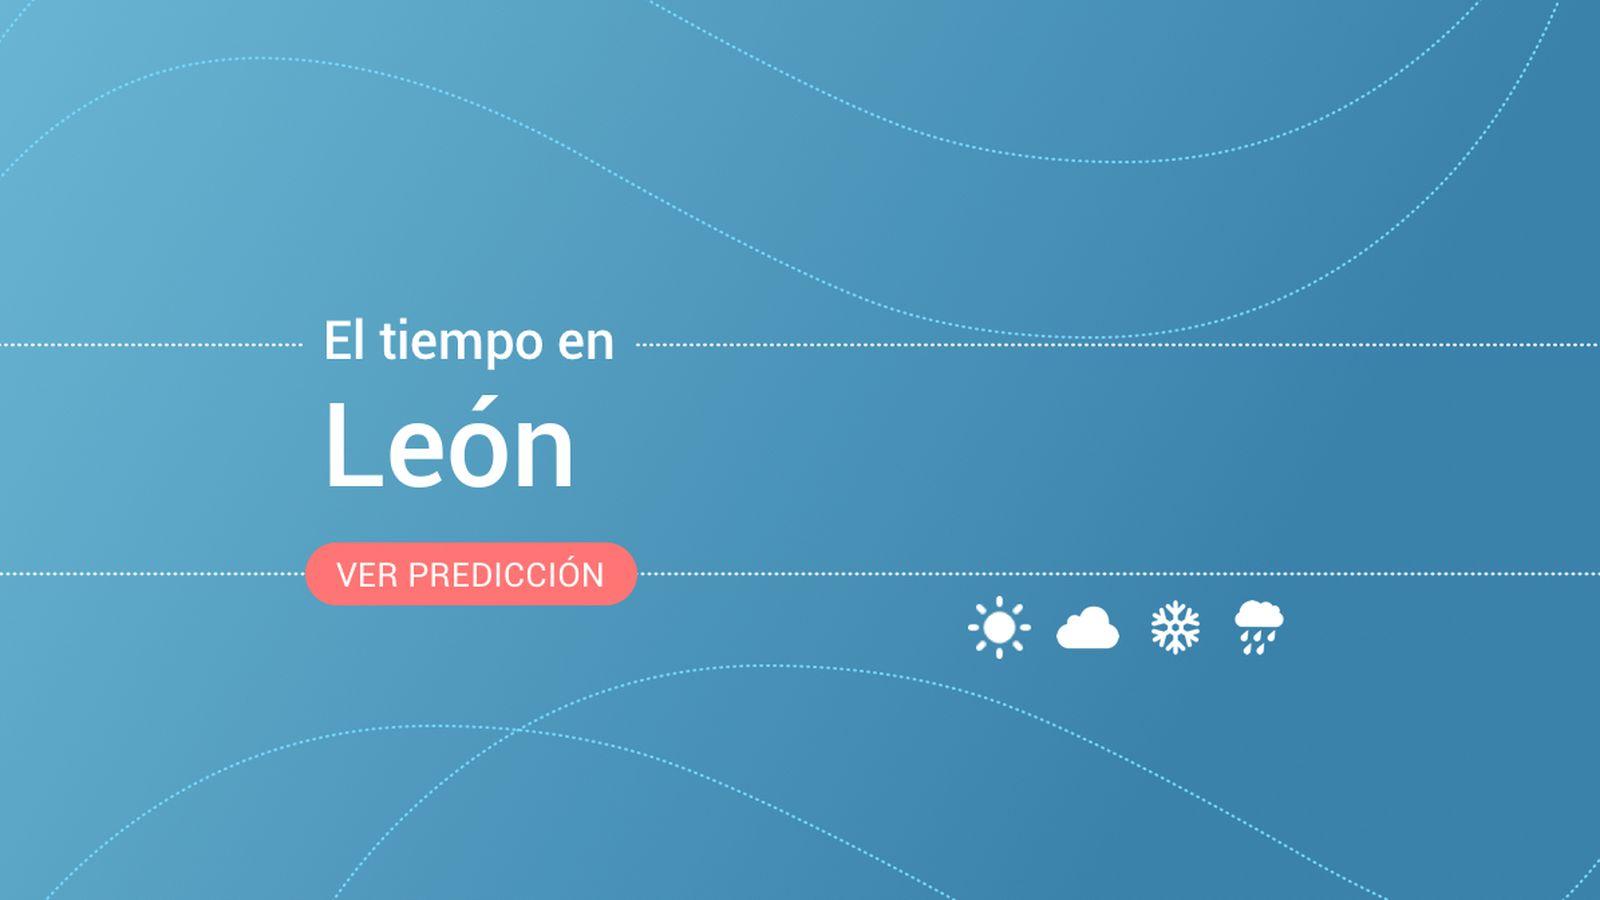 Foto: El tiempo en León. (EC)